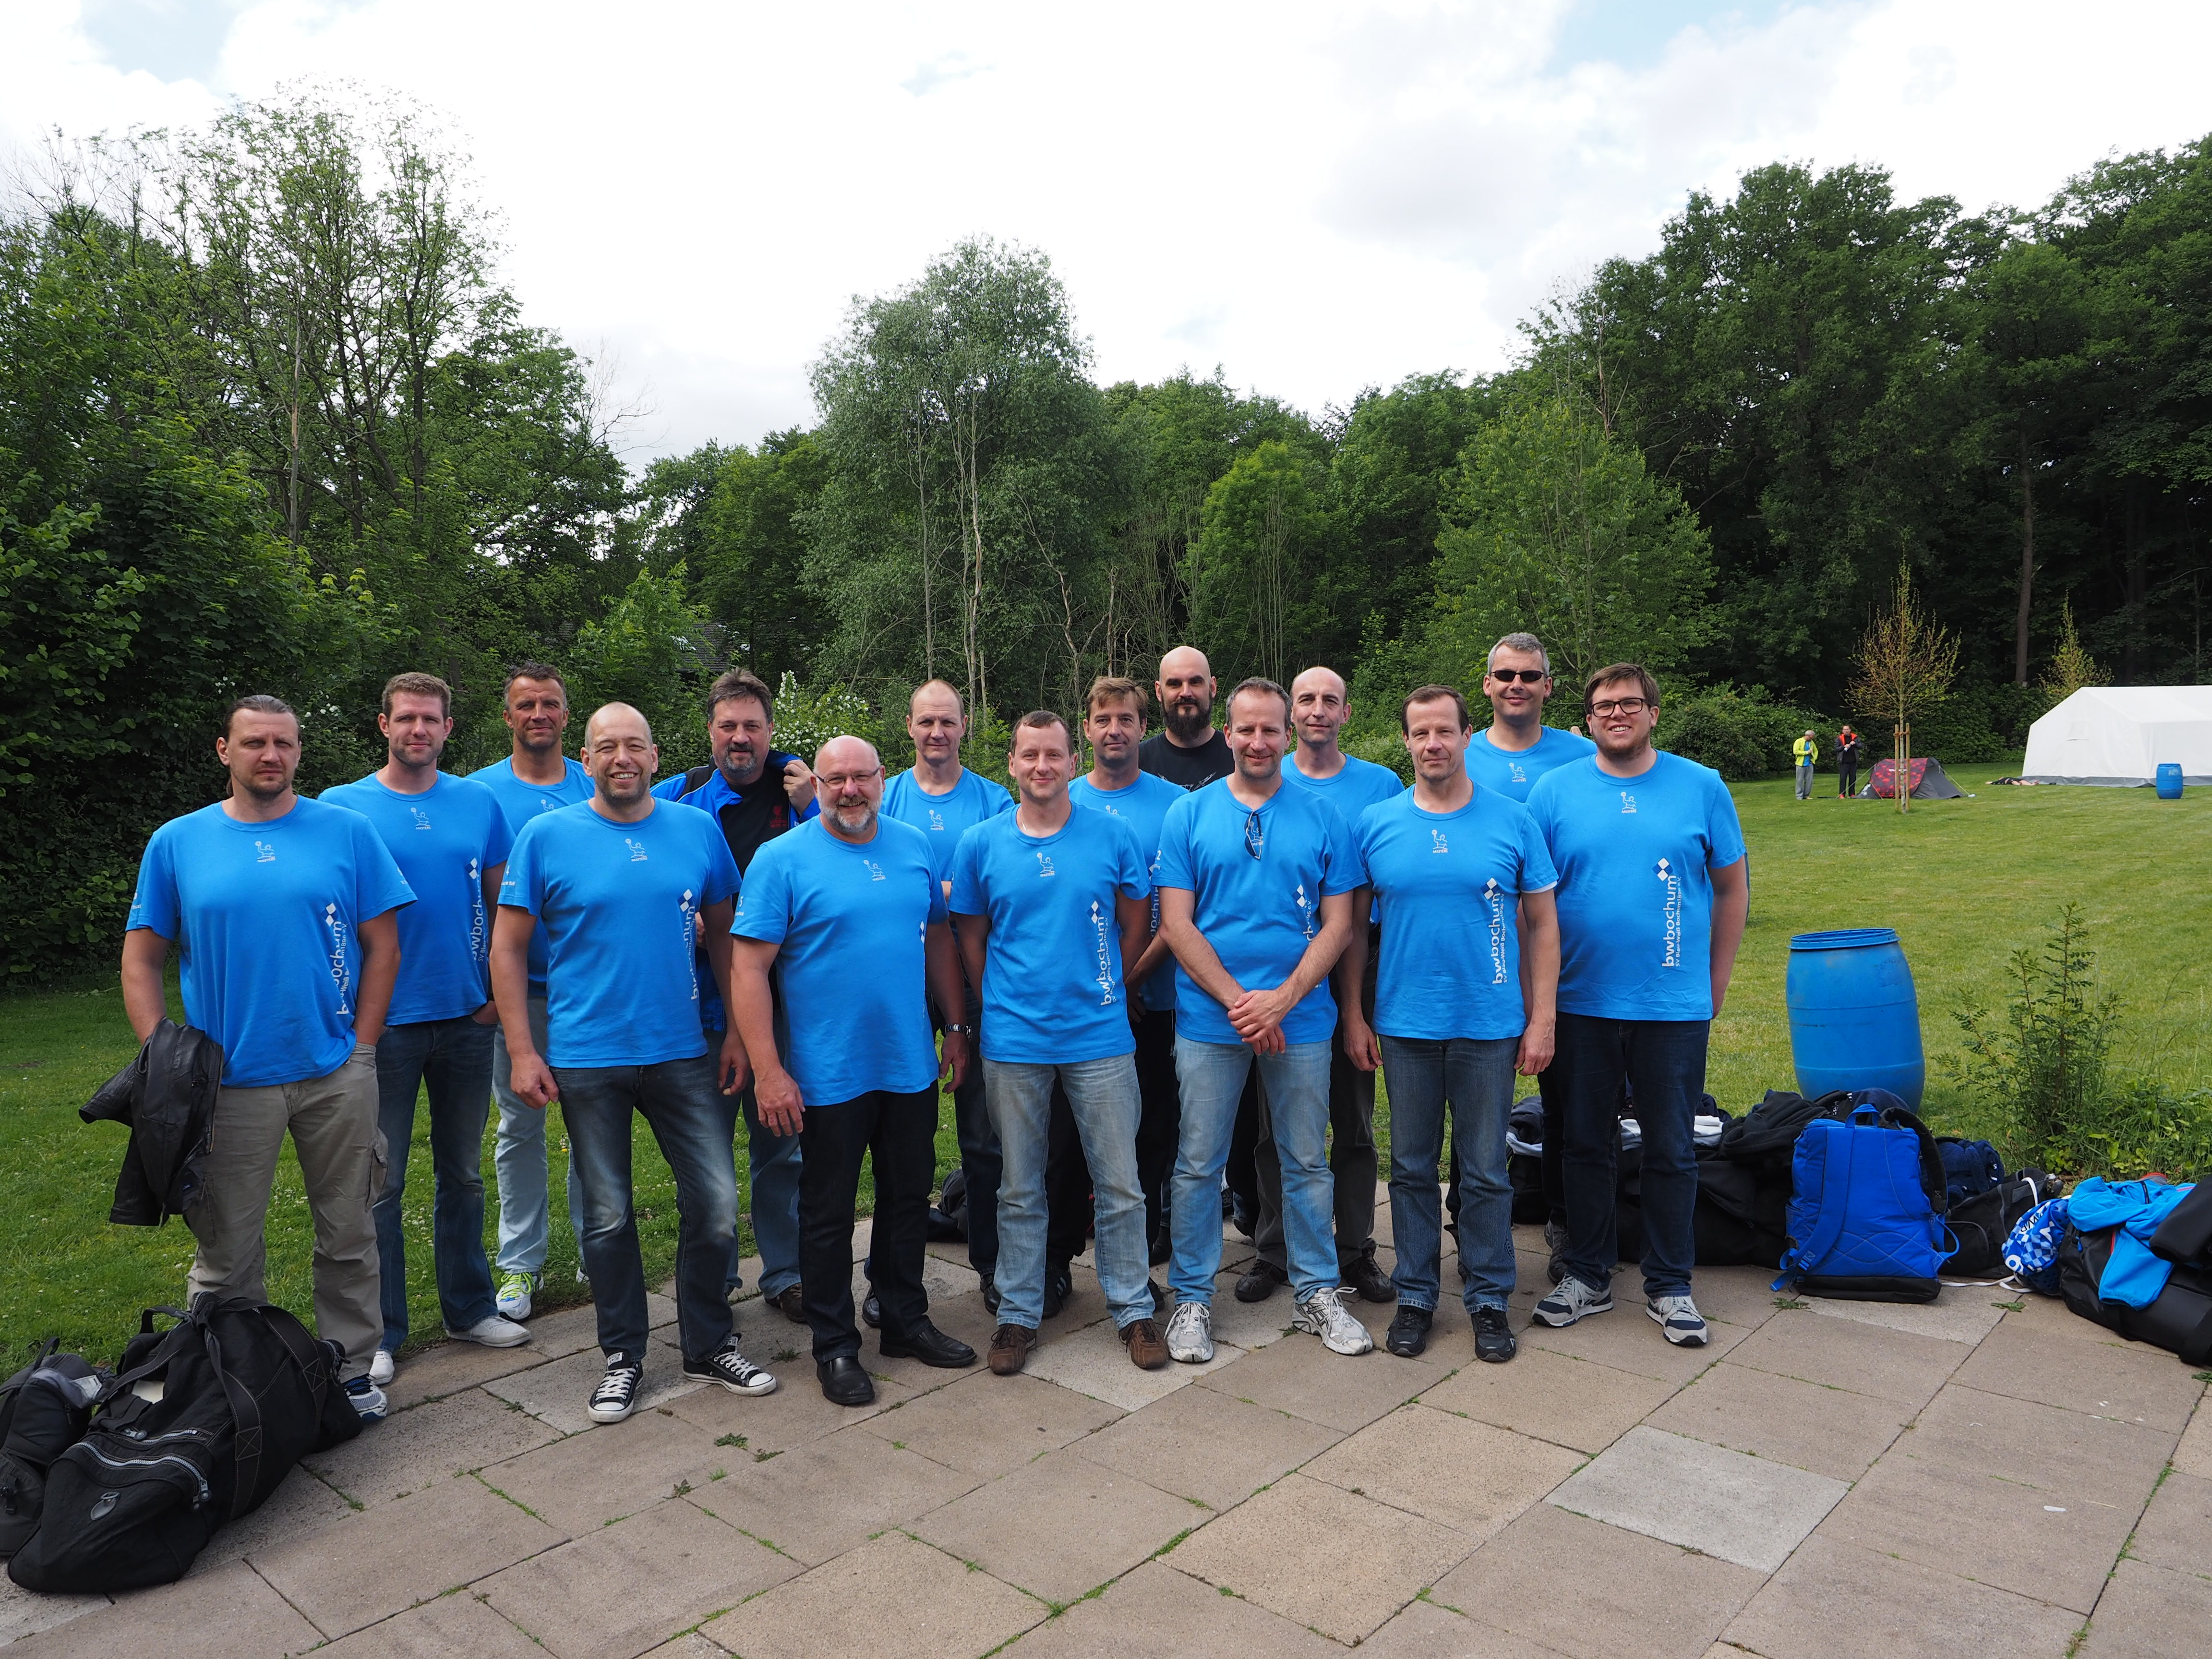 SV Blau-Weiß Bochum Silbermedaillengewinner 2015 SV in der AK 30+